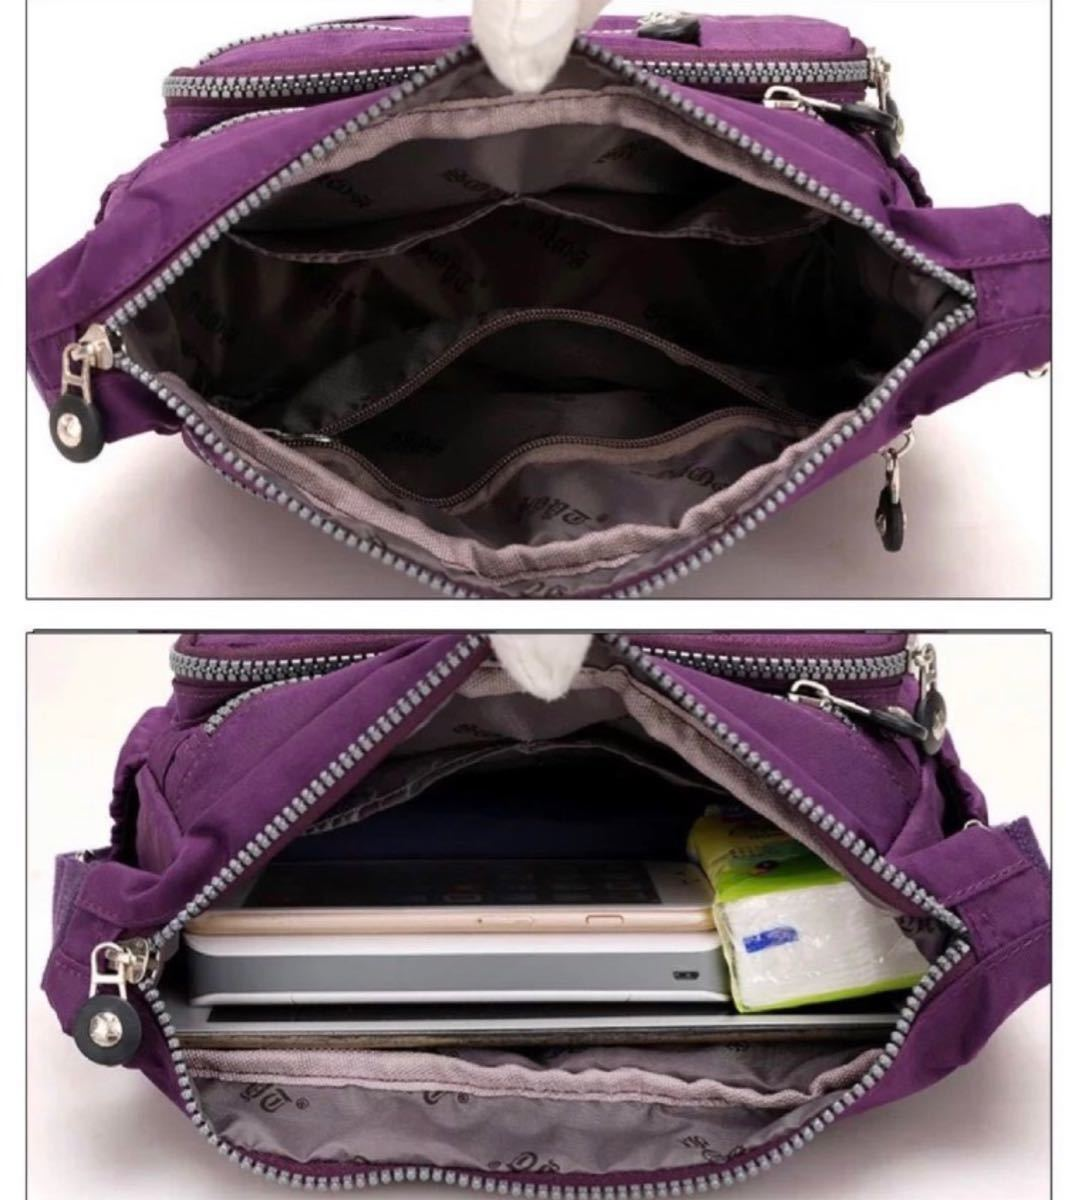 ショルダーバッグ 斜めがけ 軽量 レディースバッグ ボディーバッグ グレー iPad 斜め掛けバッグ